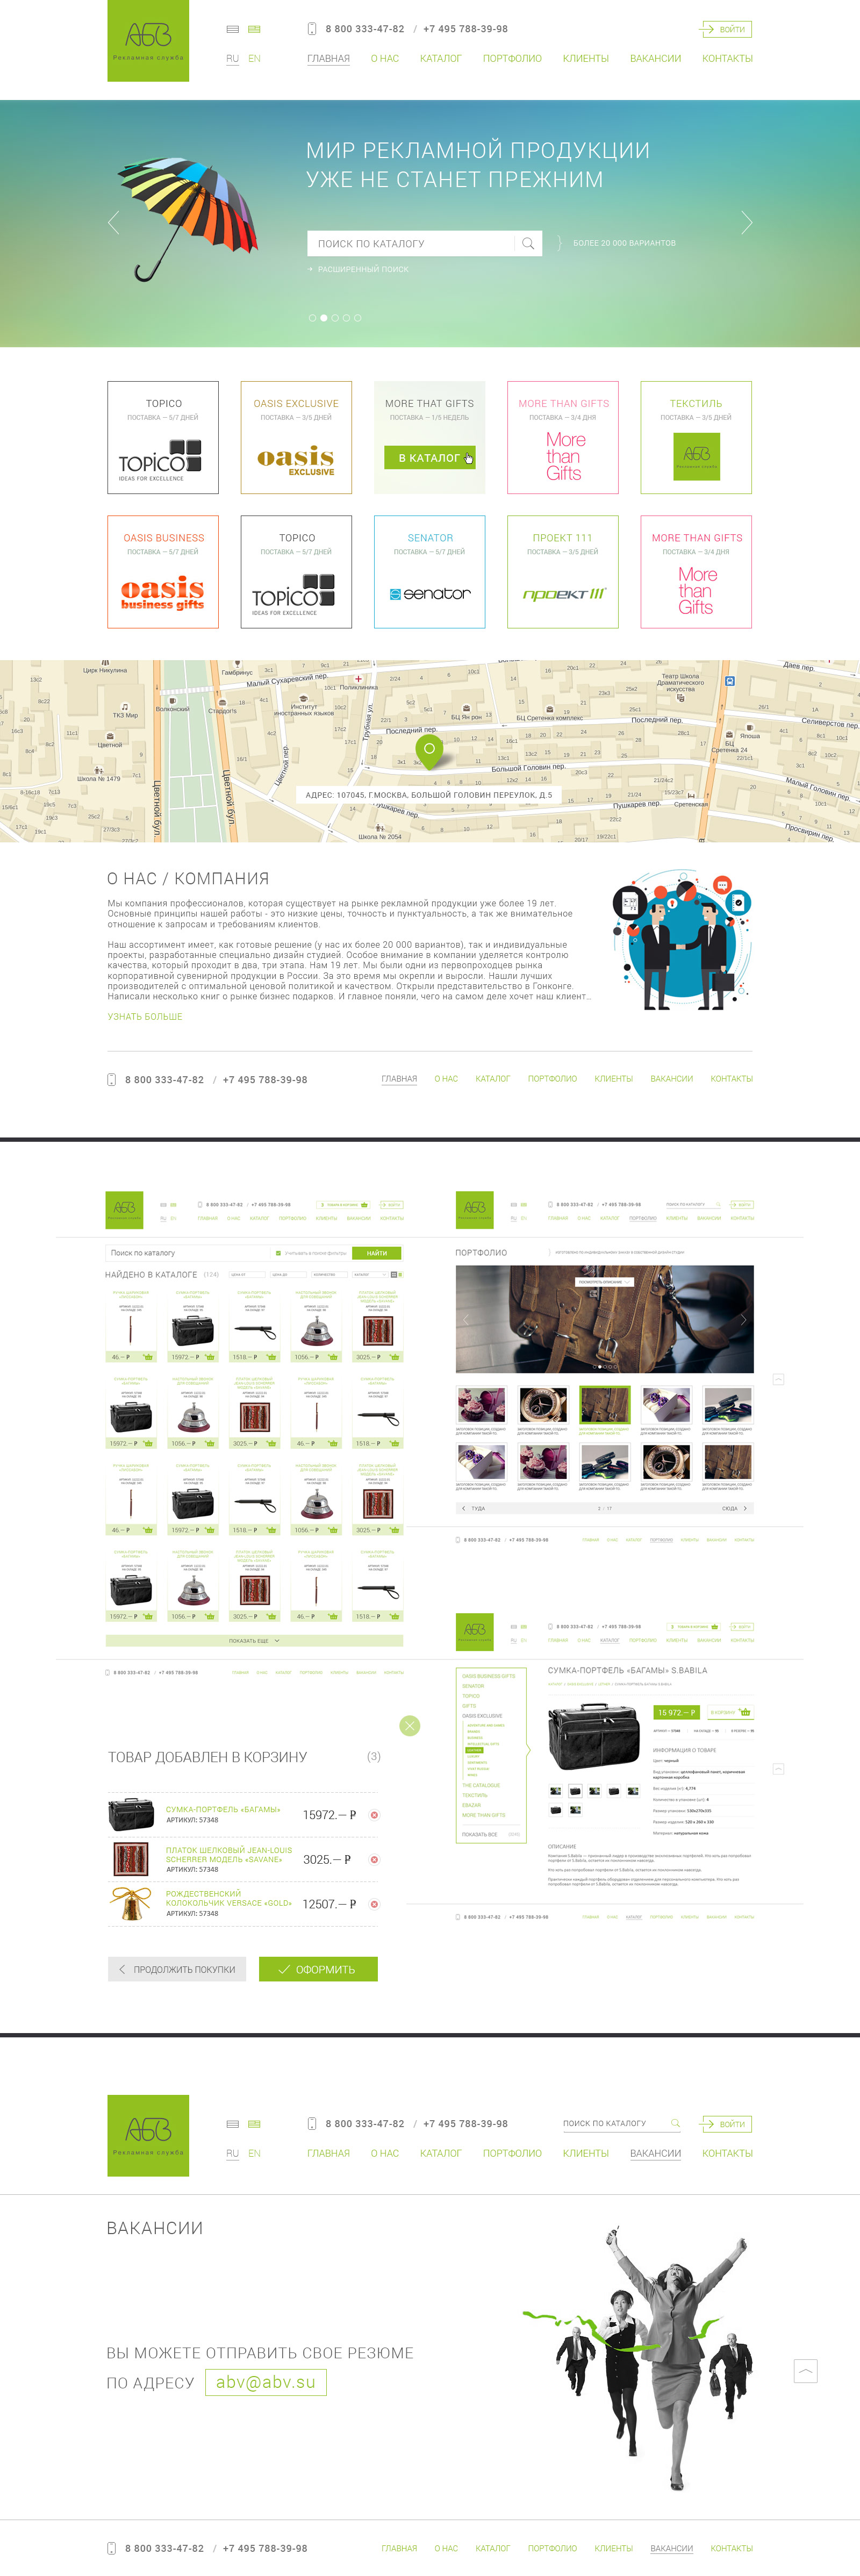 АБВ - рекламная и сувенирная продукция (Москва)